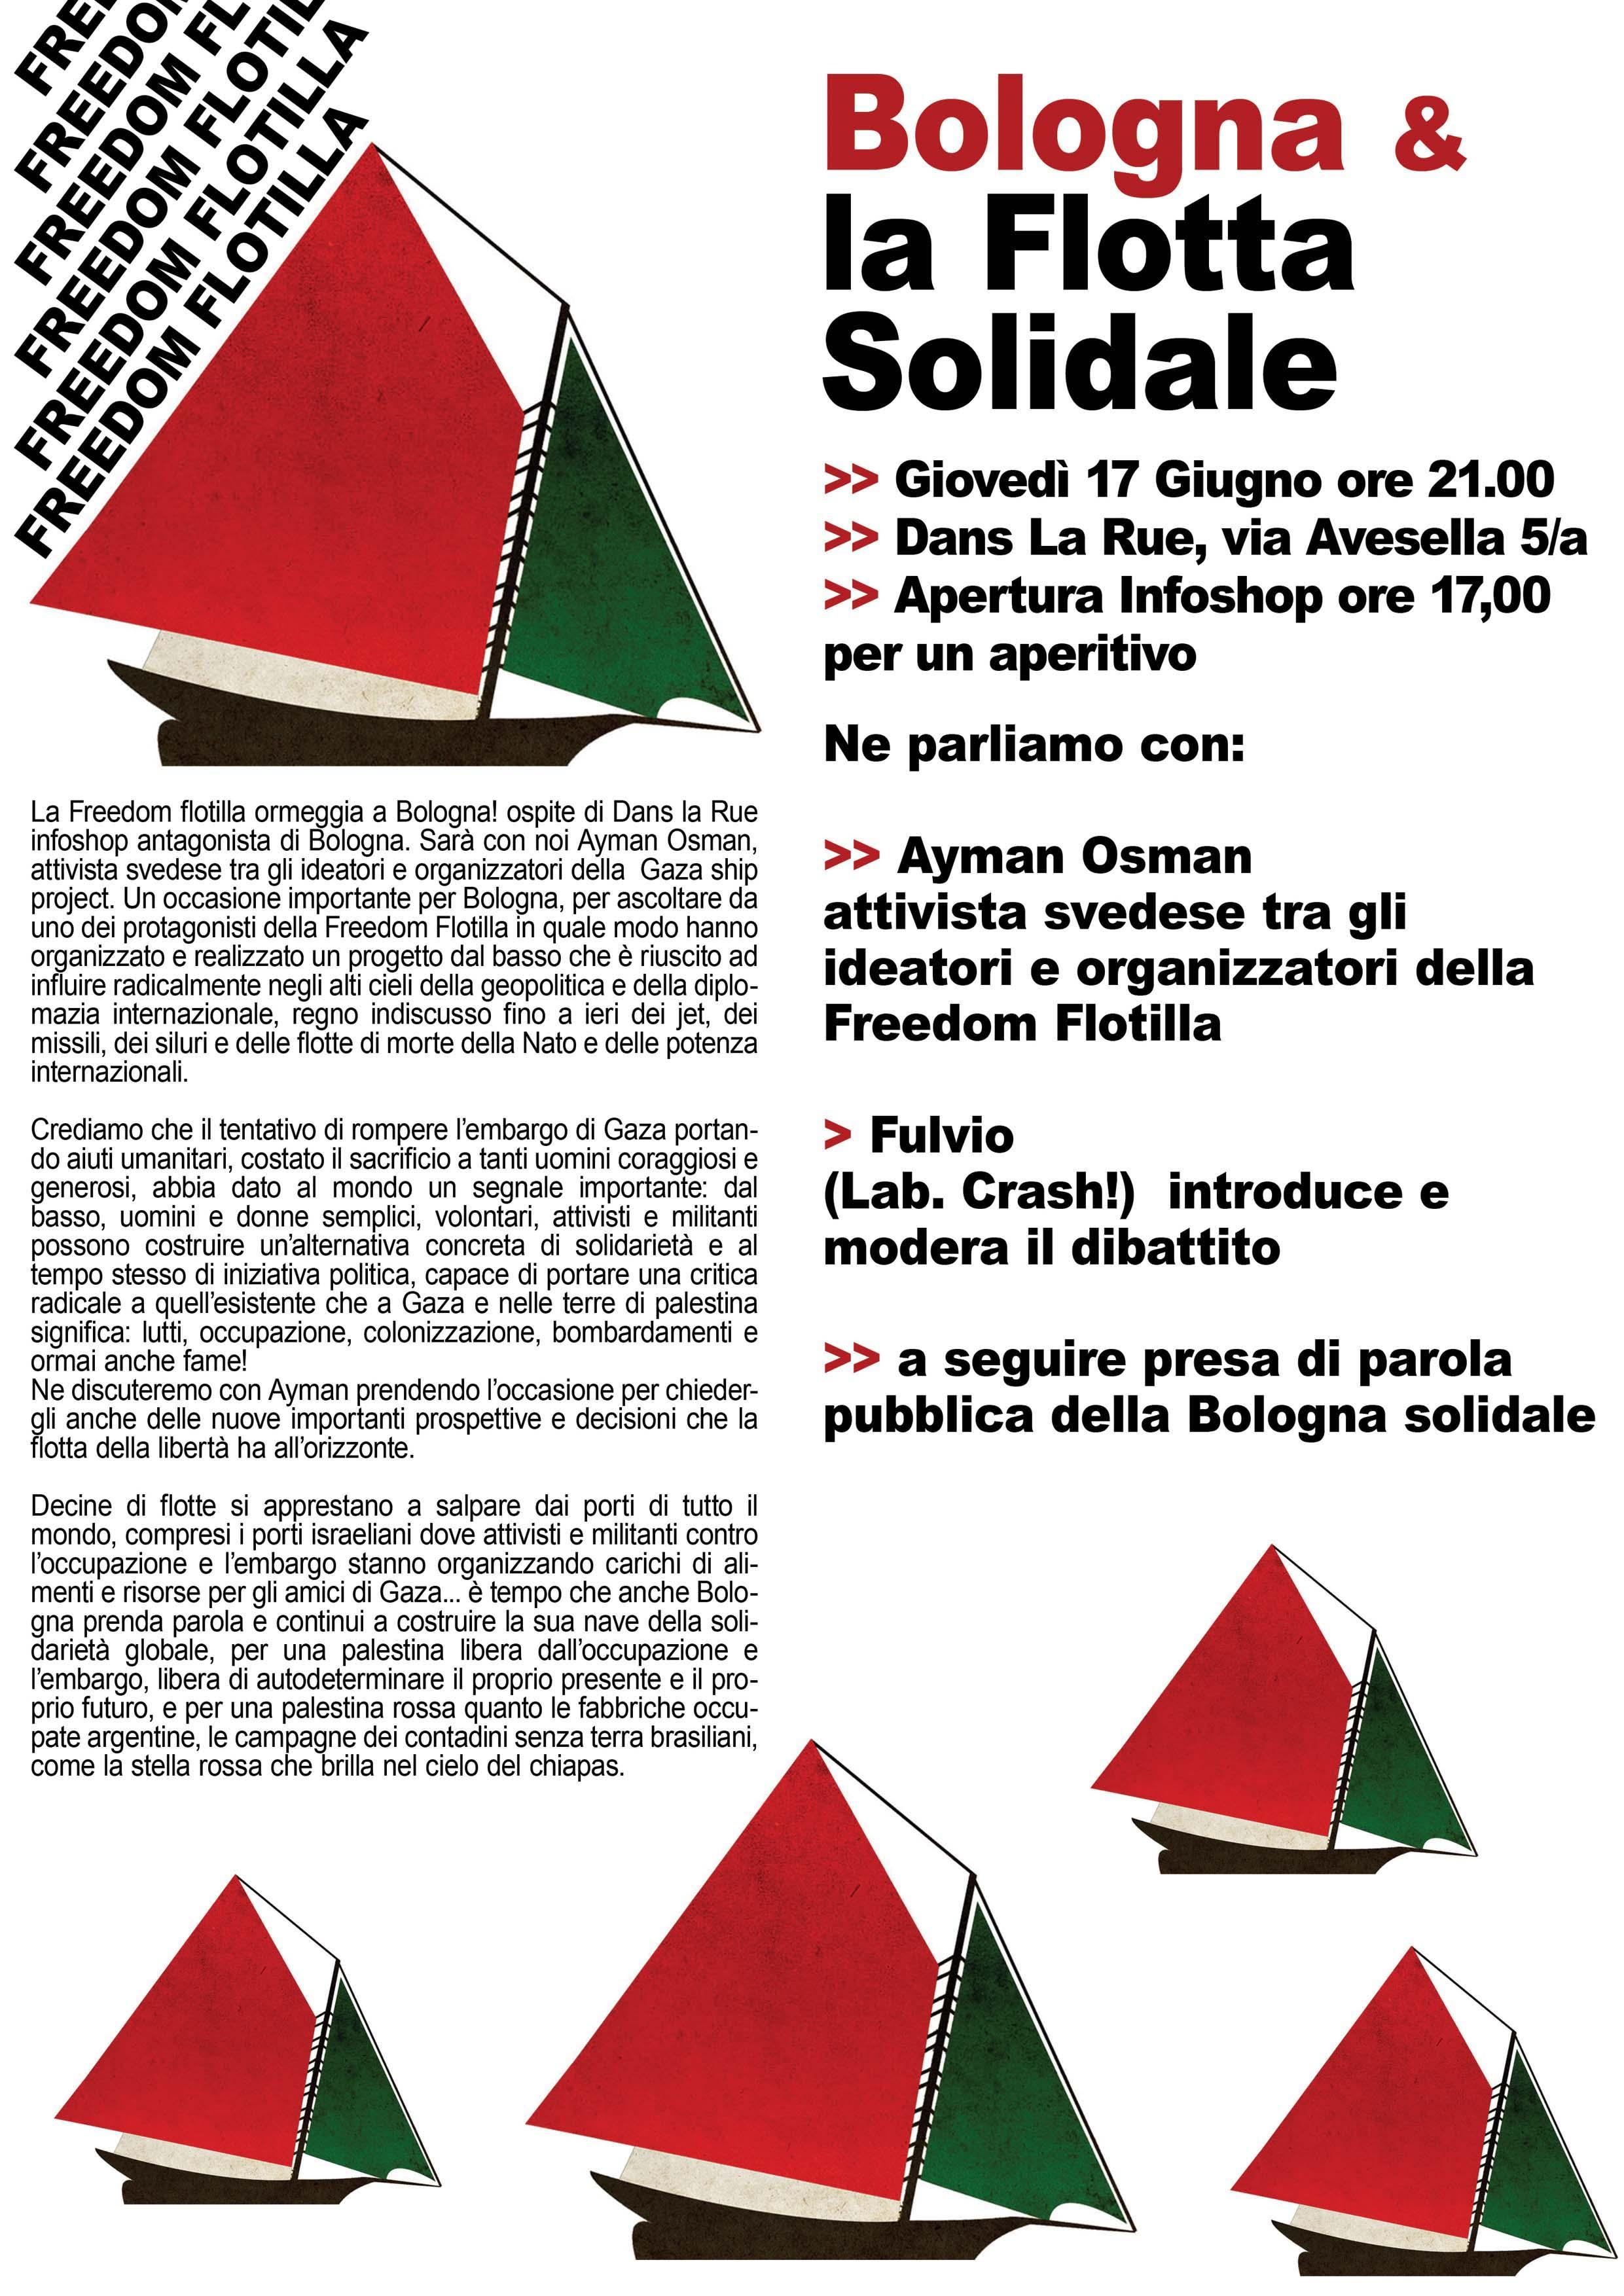 Bologna e la flotta solidale con Ayman Osman 17 giugno 2010